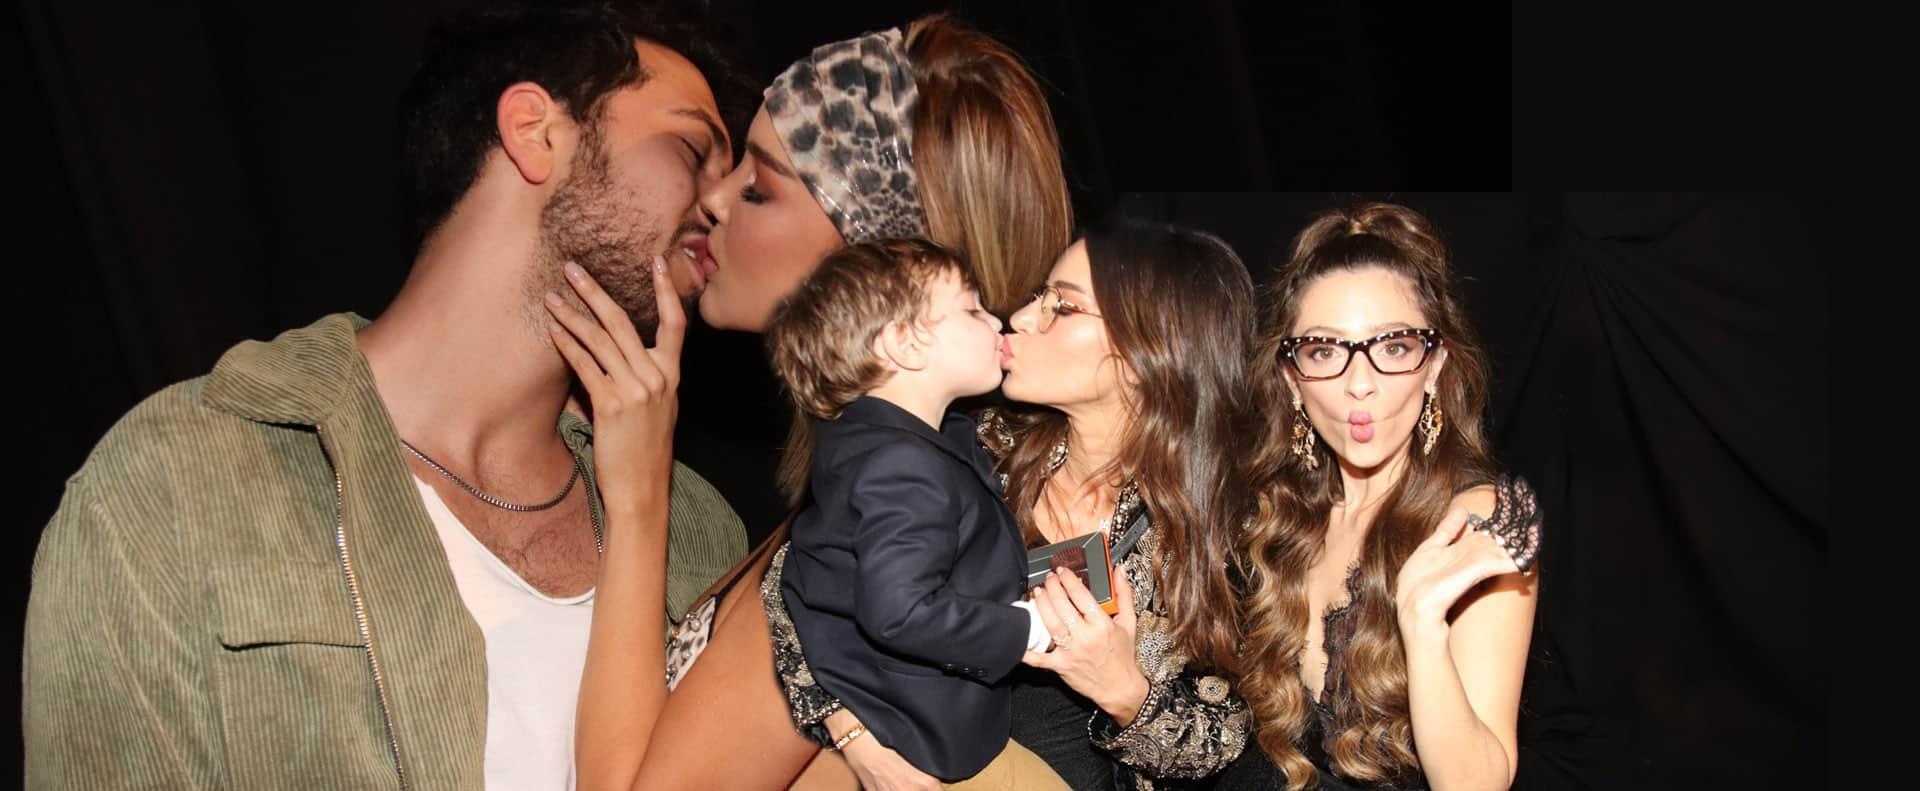 שפיטה, נטלי דדון, מריה דומרק מתנשקת עם רועי קורנבלום, רינקיני. שבוע האופנה תל אביב 2019, צילום אור גפן